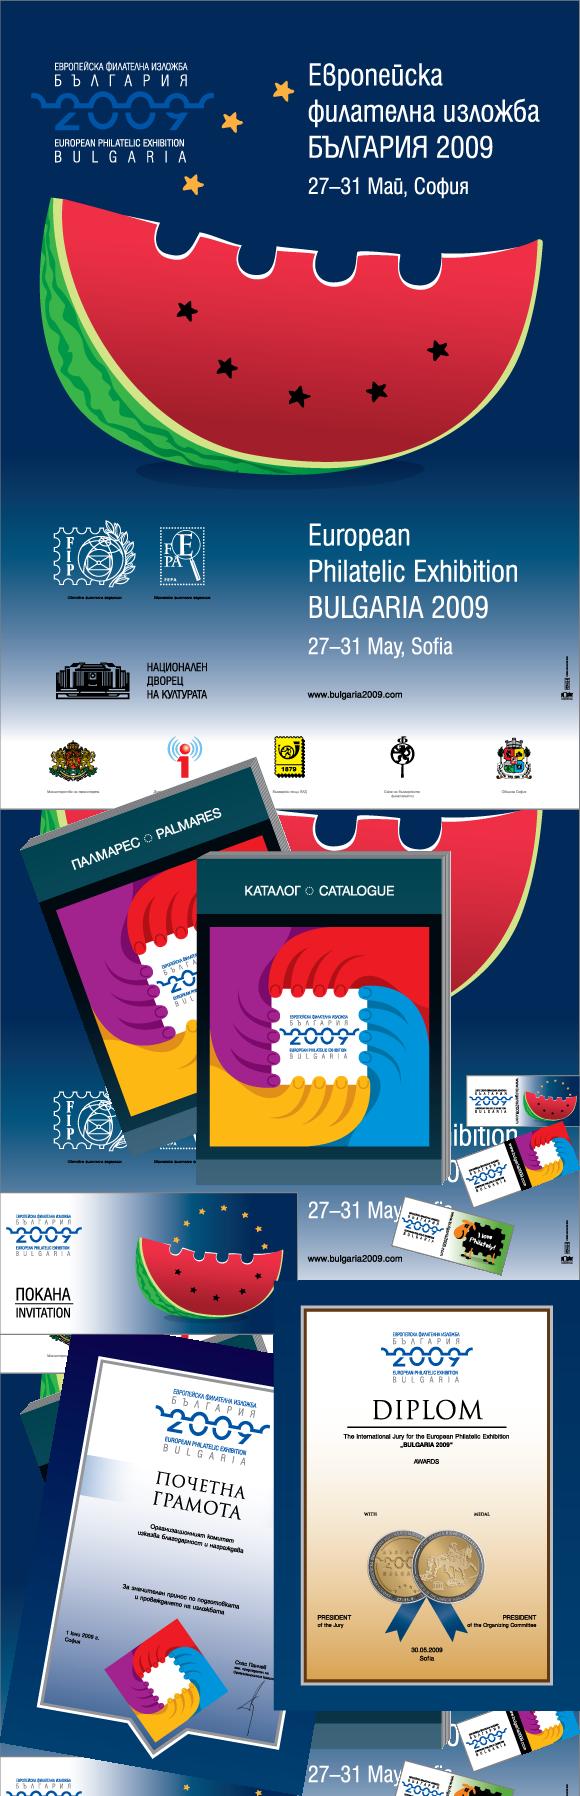 """""""European Philatelic Exhibition Bulgaria 2009"""" — Advertising Materials"""